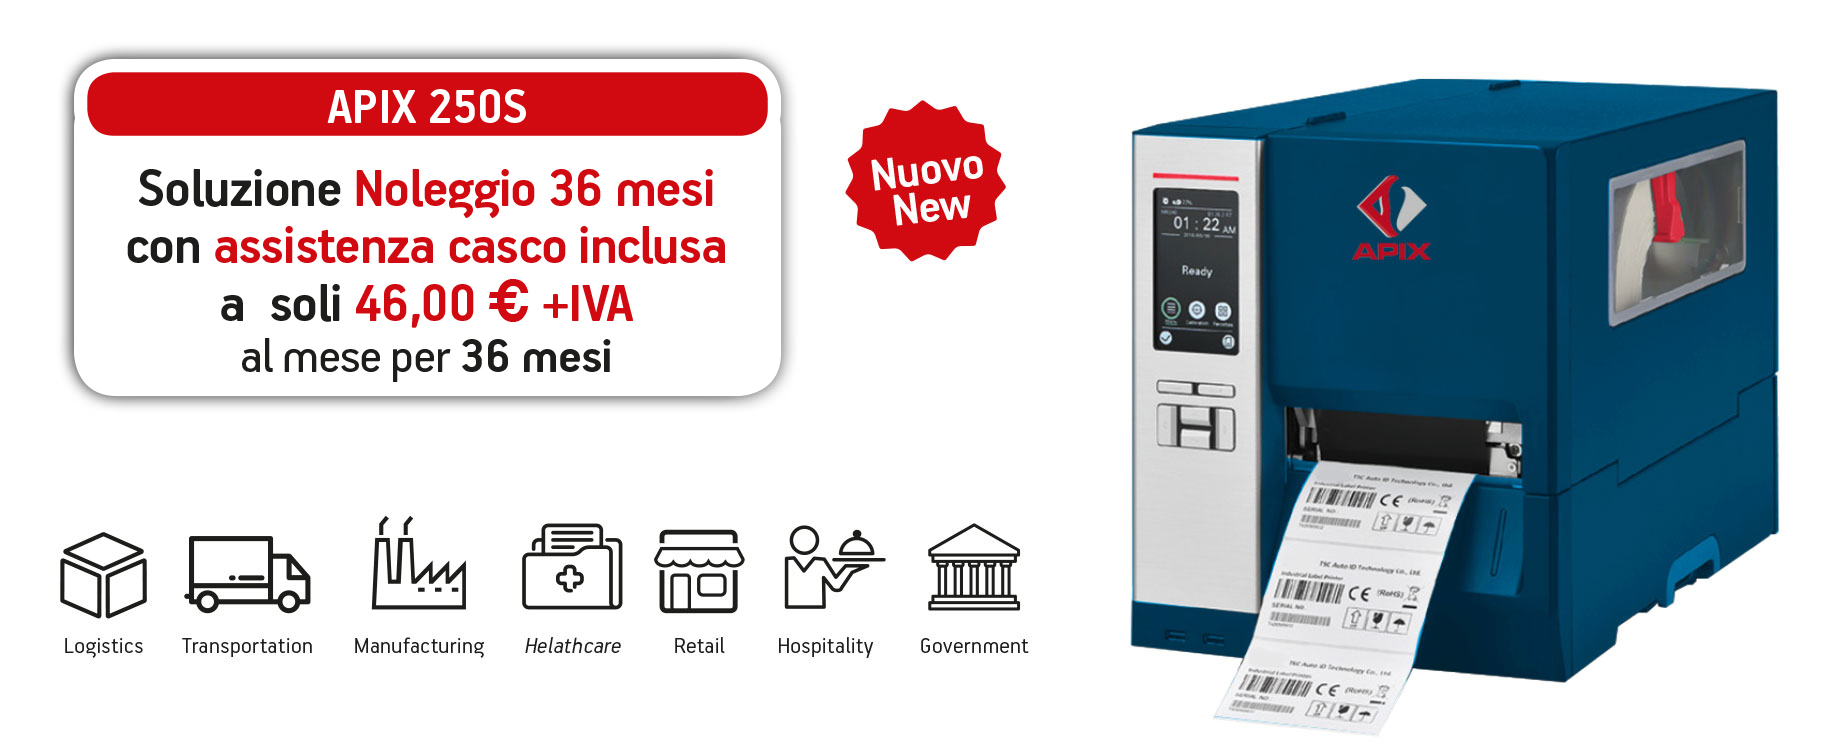 stampante-etichette-APix-250S